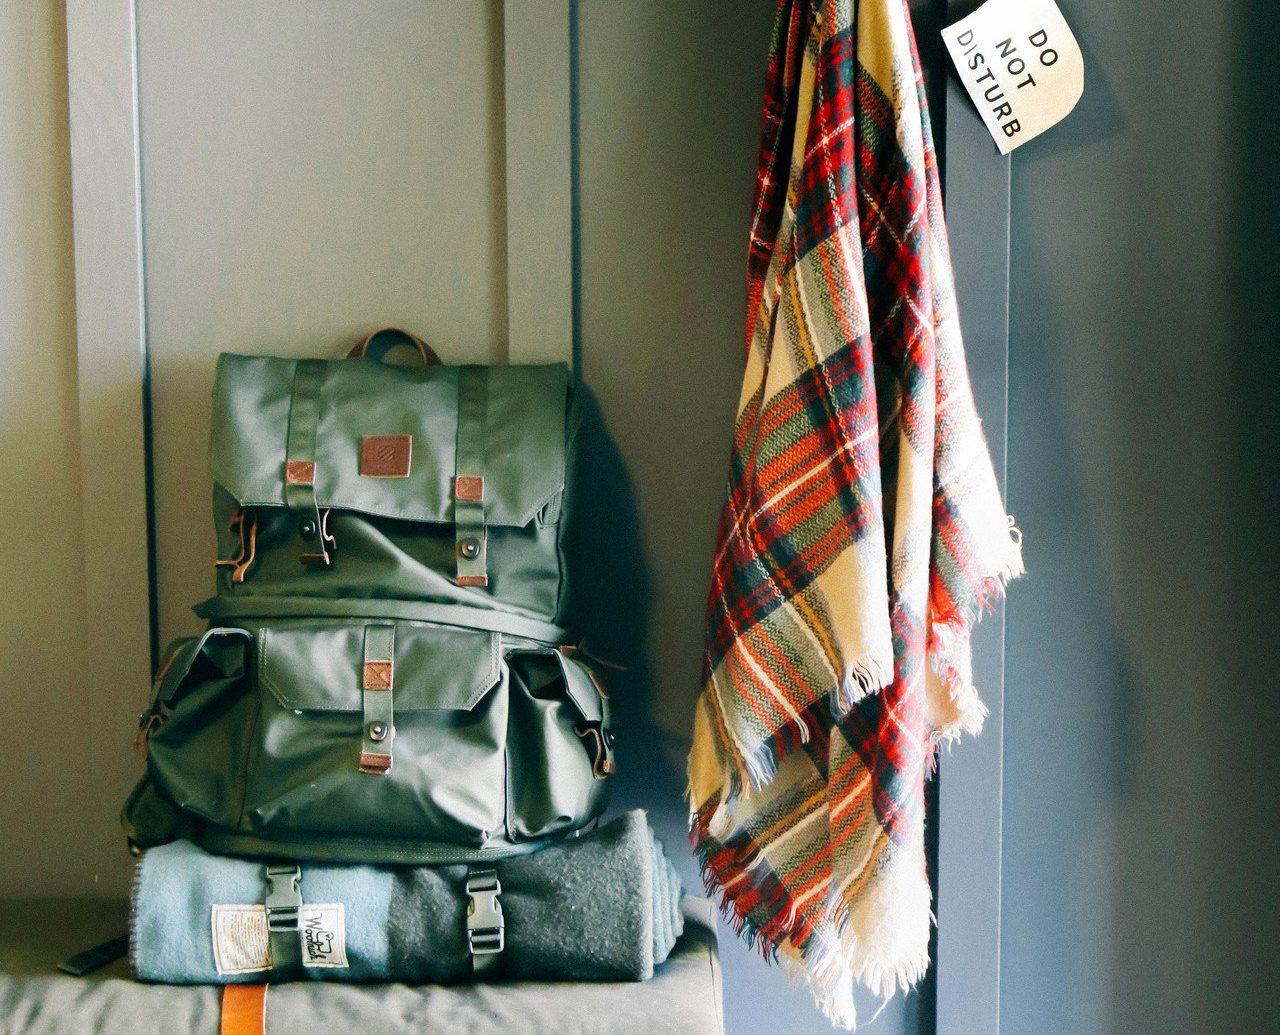 Jetsetter Guides Road Trips color room indoor furniture interior design Design shelf textile table rack colored